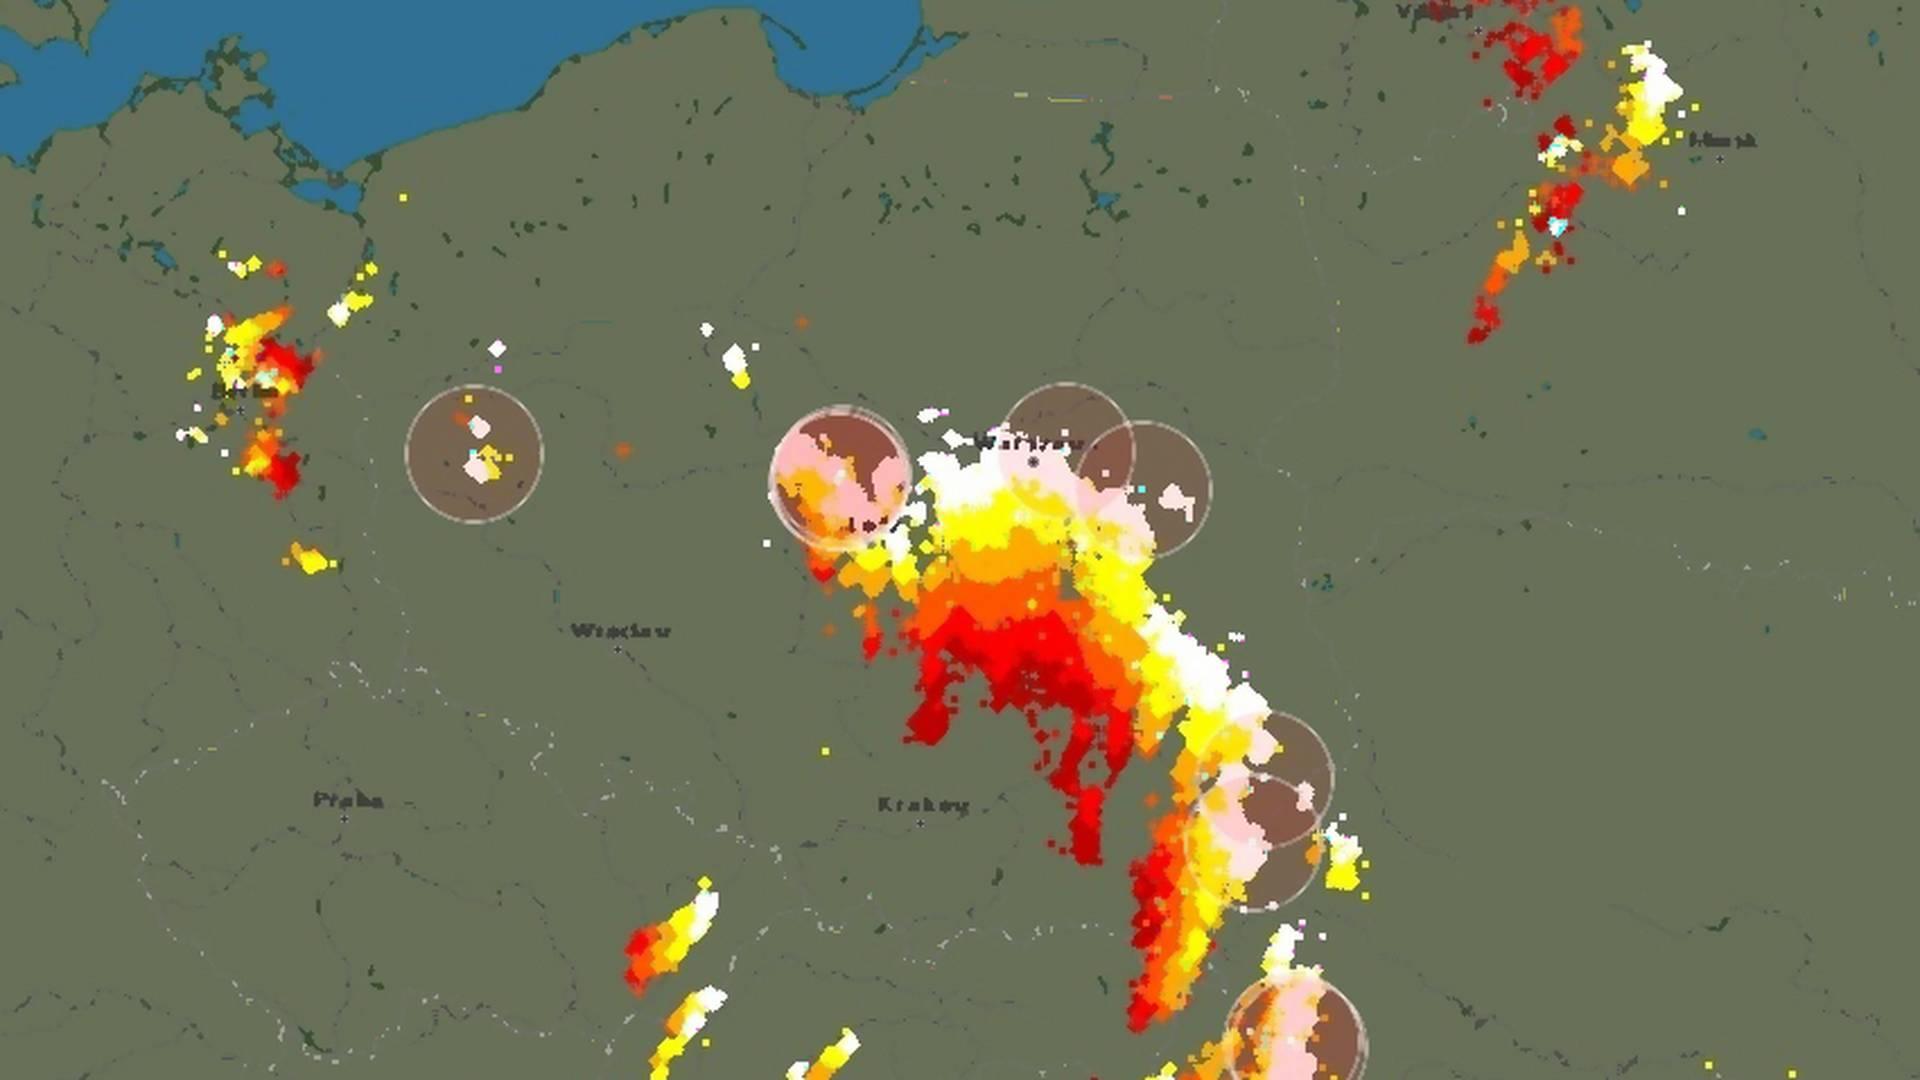 Gdzie jest burza? Blitzortung to mapa, która pokazuje ...